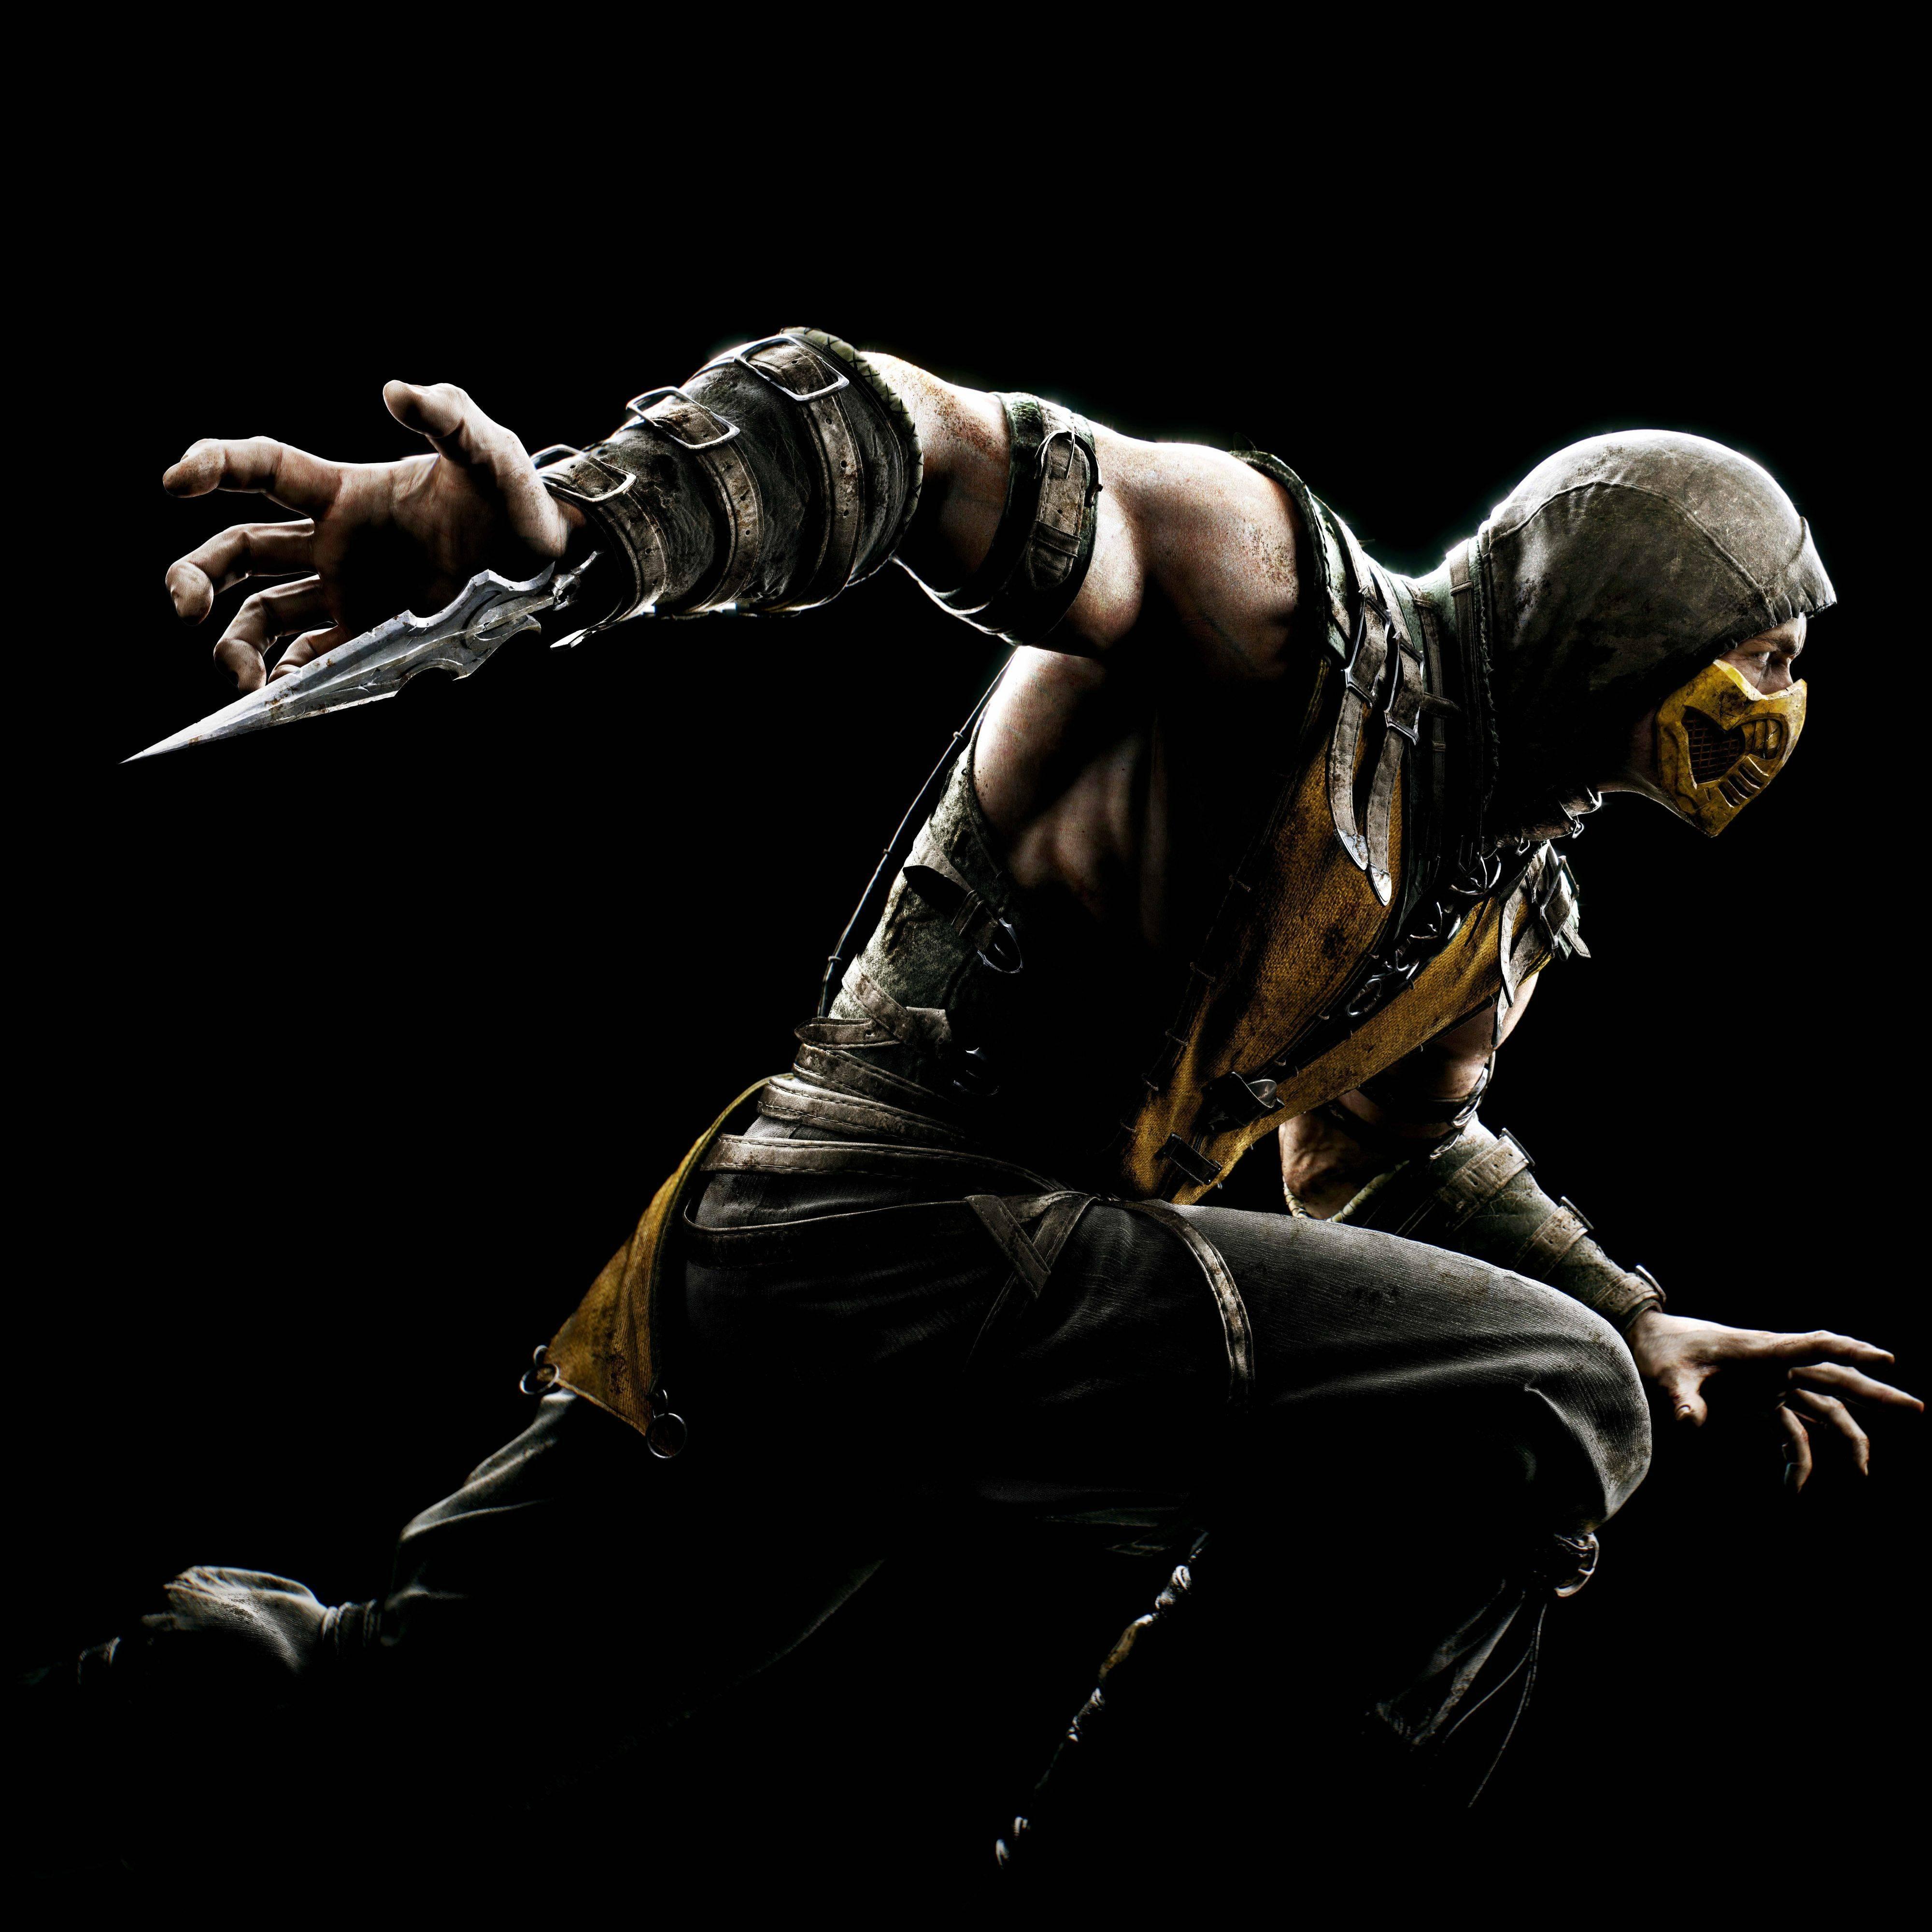 Mortal Kombat X: Первые подробности из официального пресс-релиза, арты и бокс-арт - Изображение 1